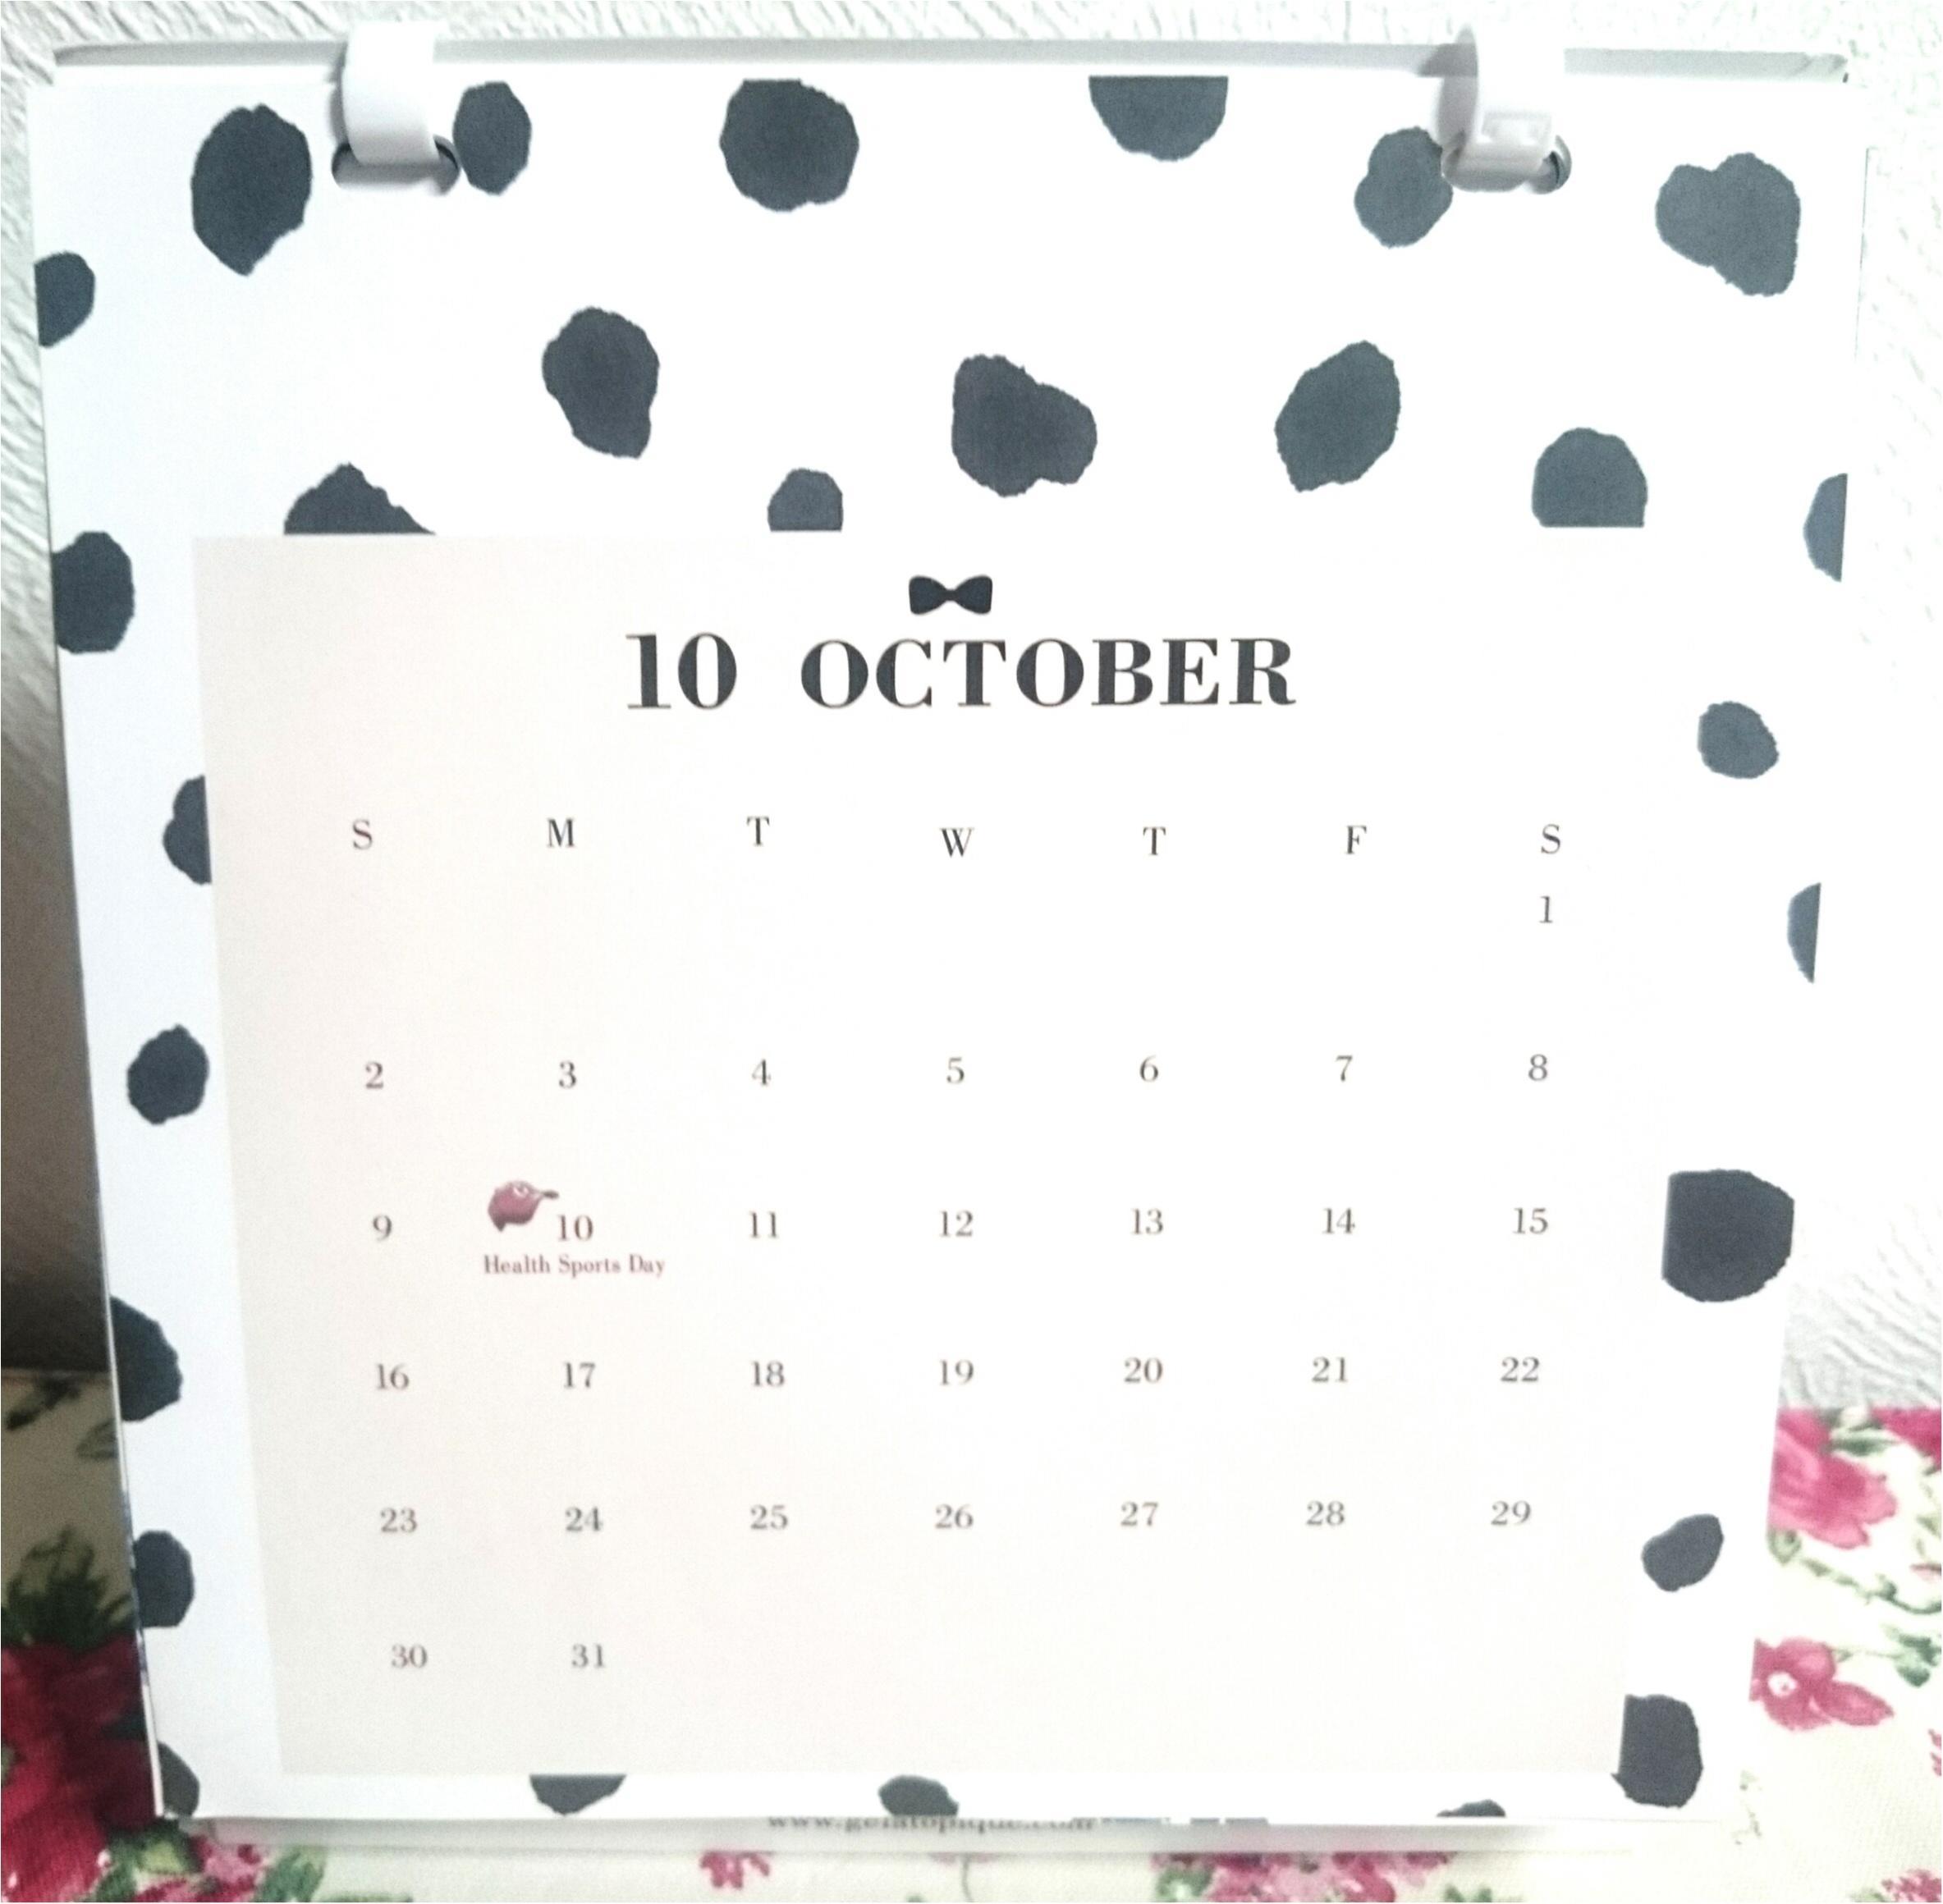 ☆モアハピ部らしくジェラートピケのカレンダーで振り返る2016年、そして2017年に向けて☆_27